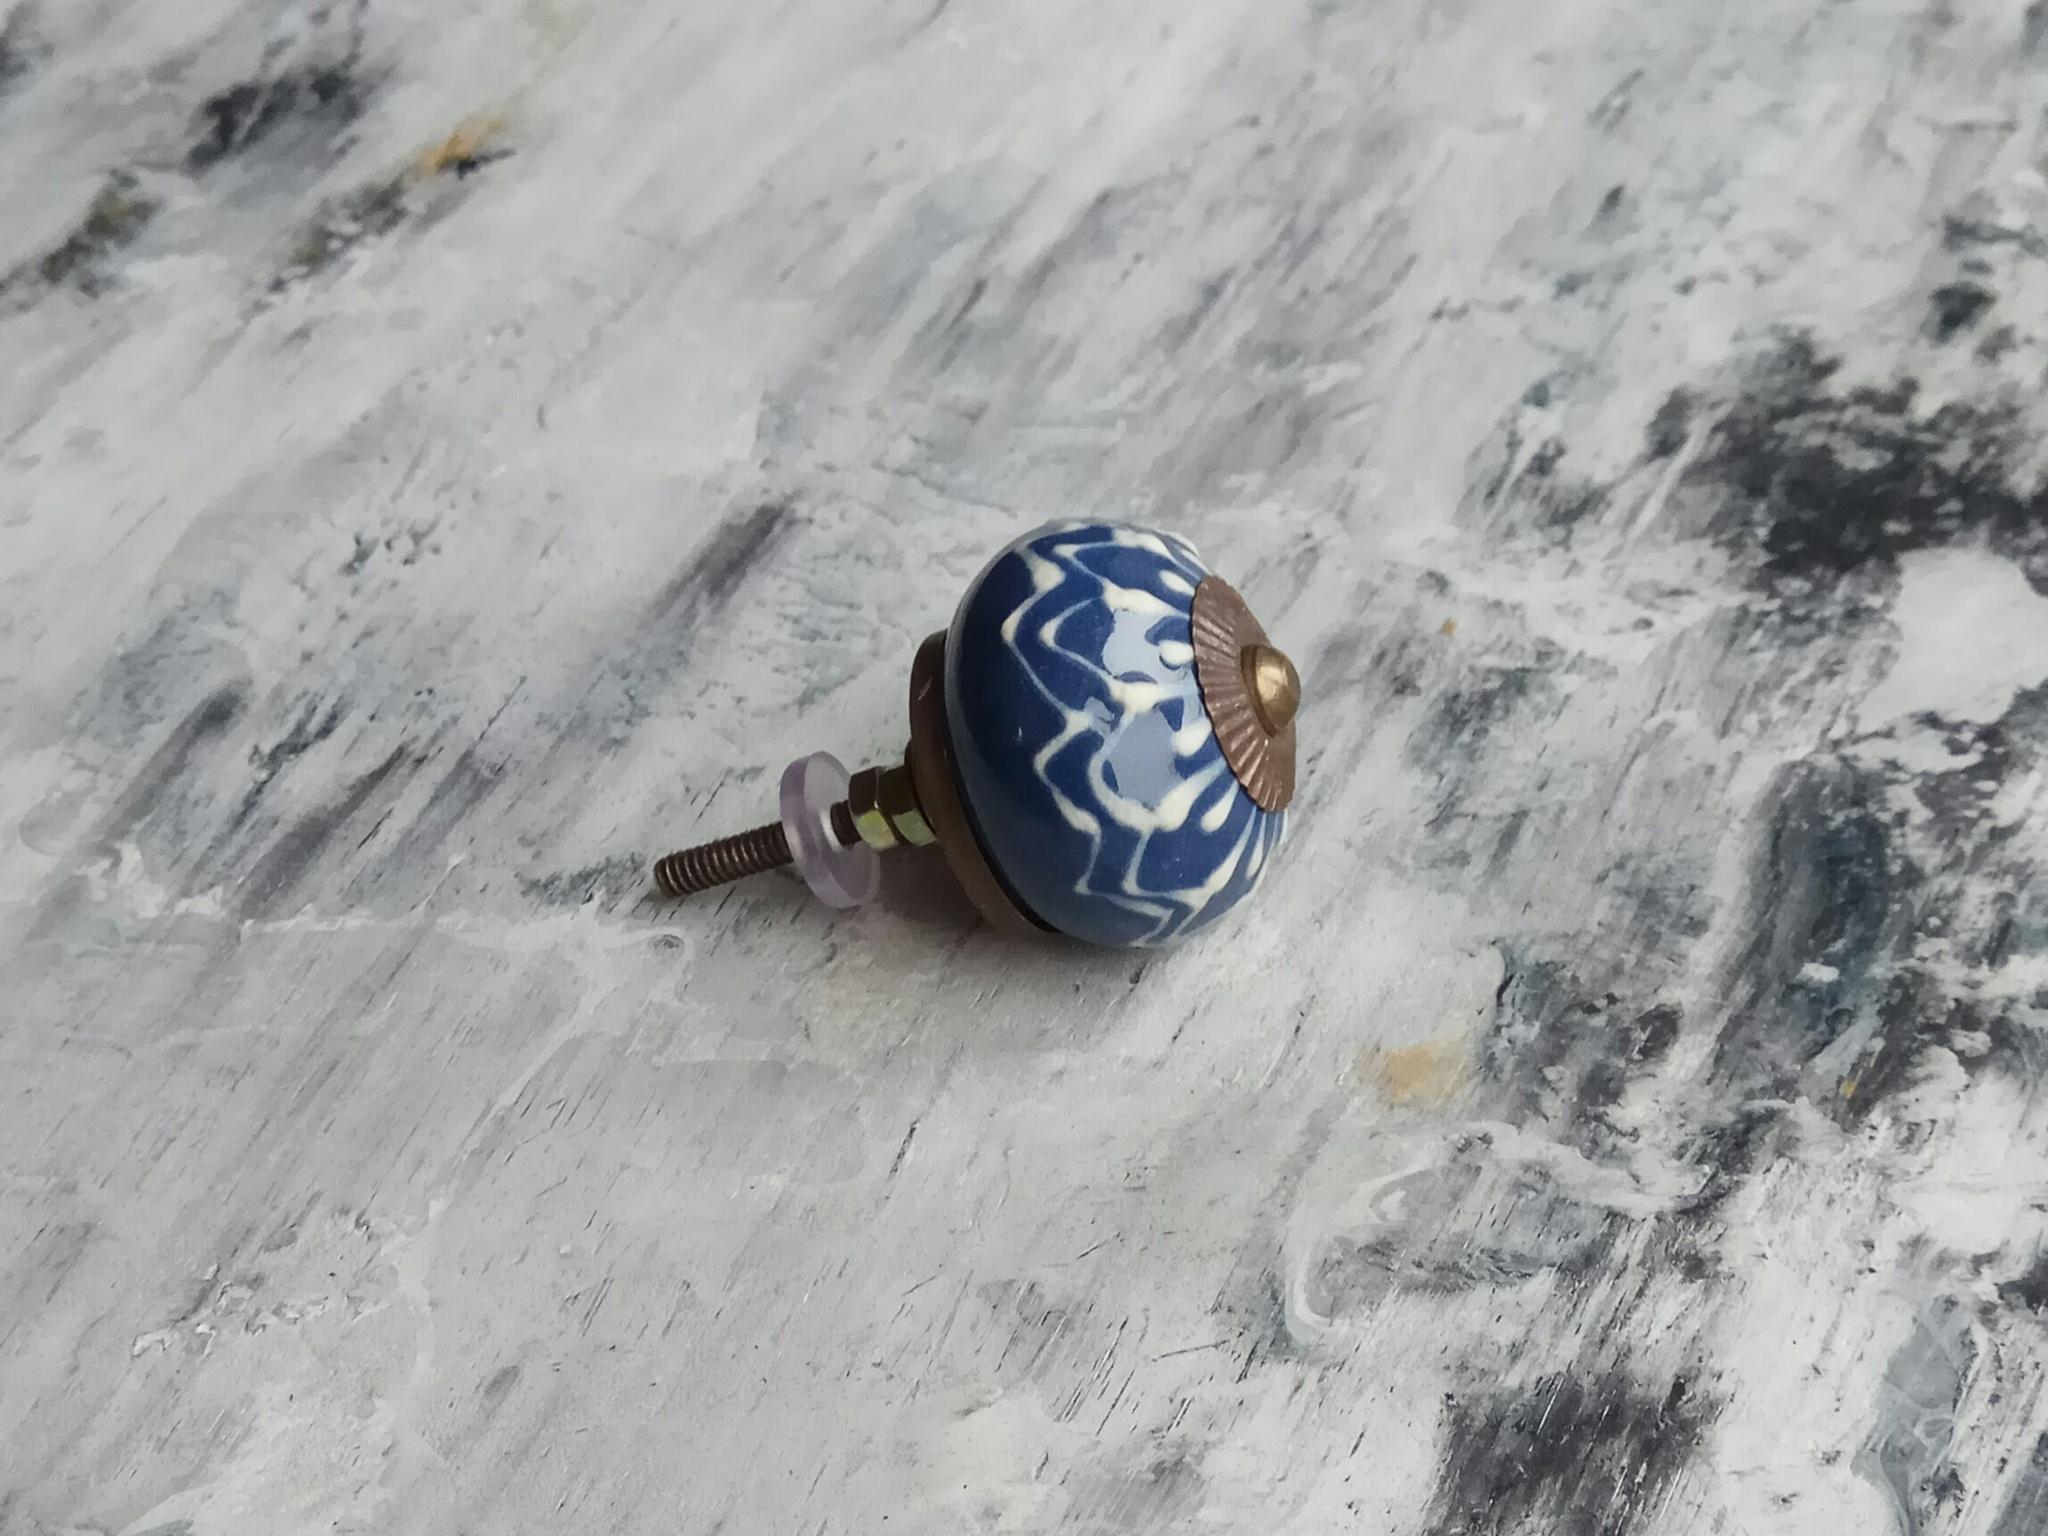 Ручка мебельная керамическая  расписная √40, 00001040